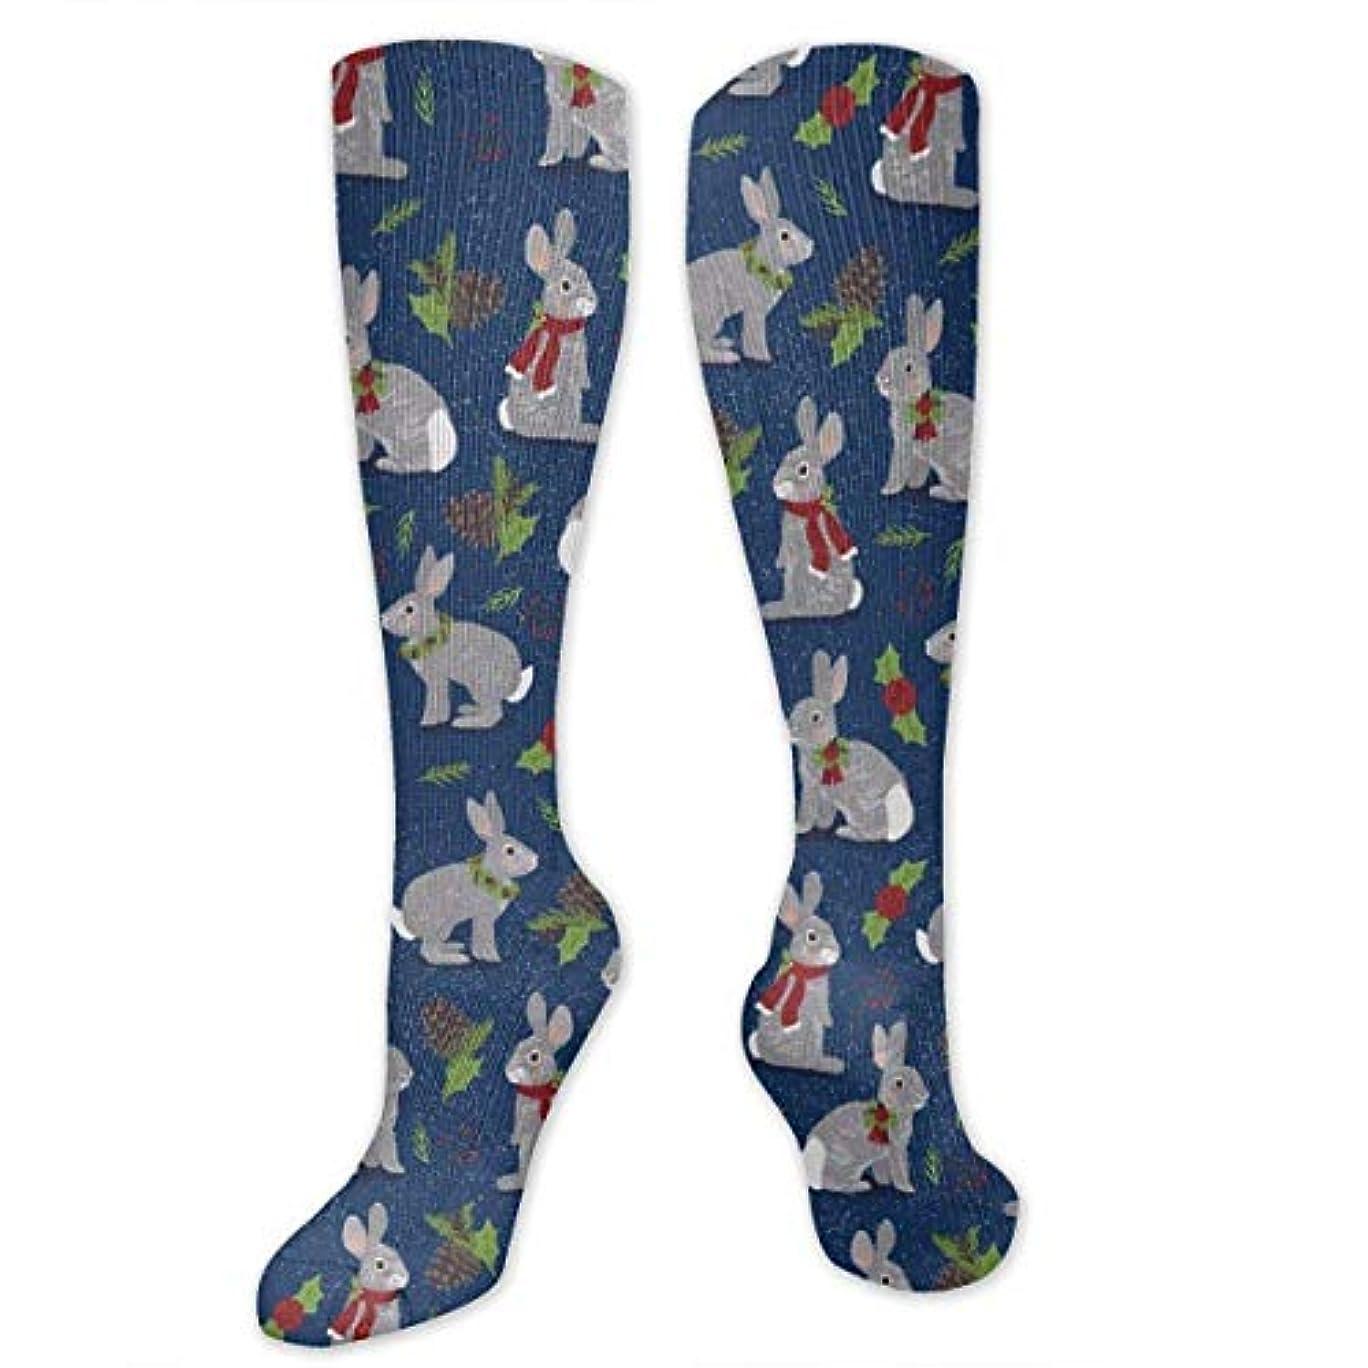 箱寺院アンテナ靴下,ストッキング,野生のジョーカー,実際,秋の本質,冬必須,サマーウェア&RBXAA Holiday Rabbits Socks Women's Winter Cotton Long Tube Socks Knee High...